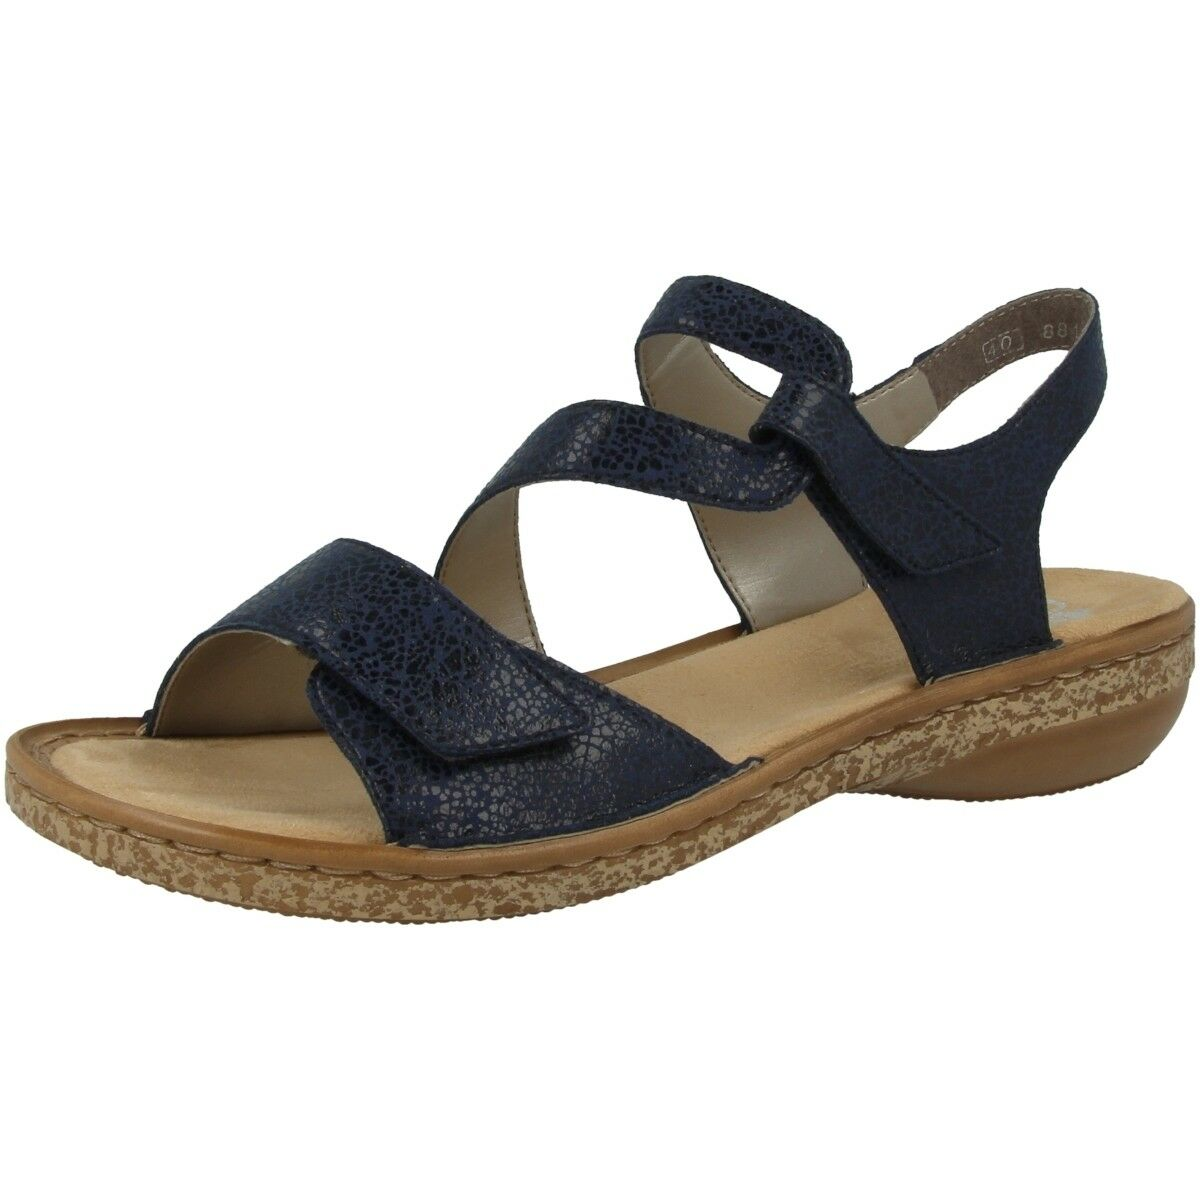 Rieker Cresta damen Damen Schuhe Antistress Sandalen Sandaletten navy 628J1-14